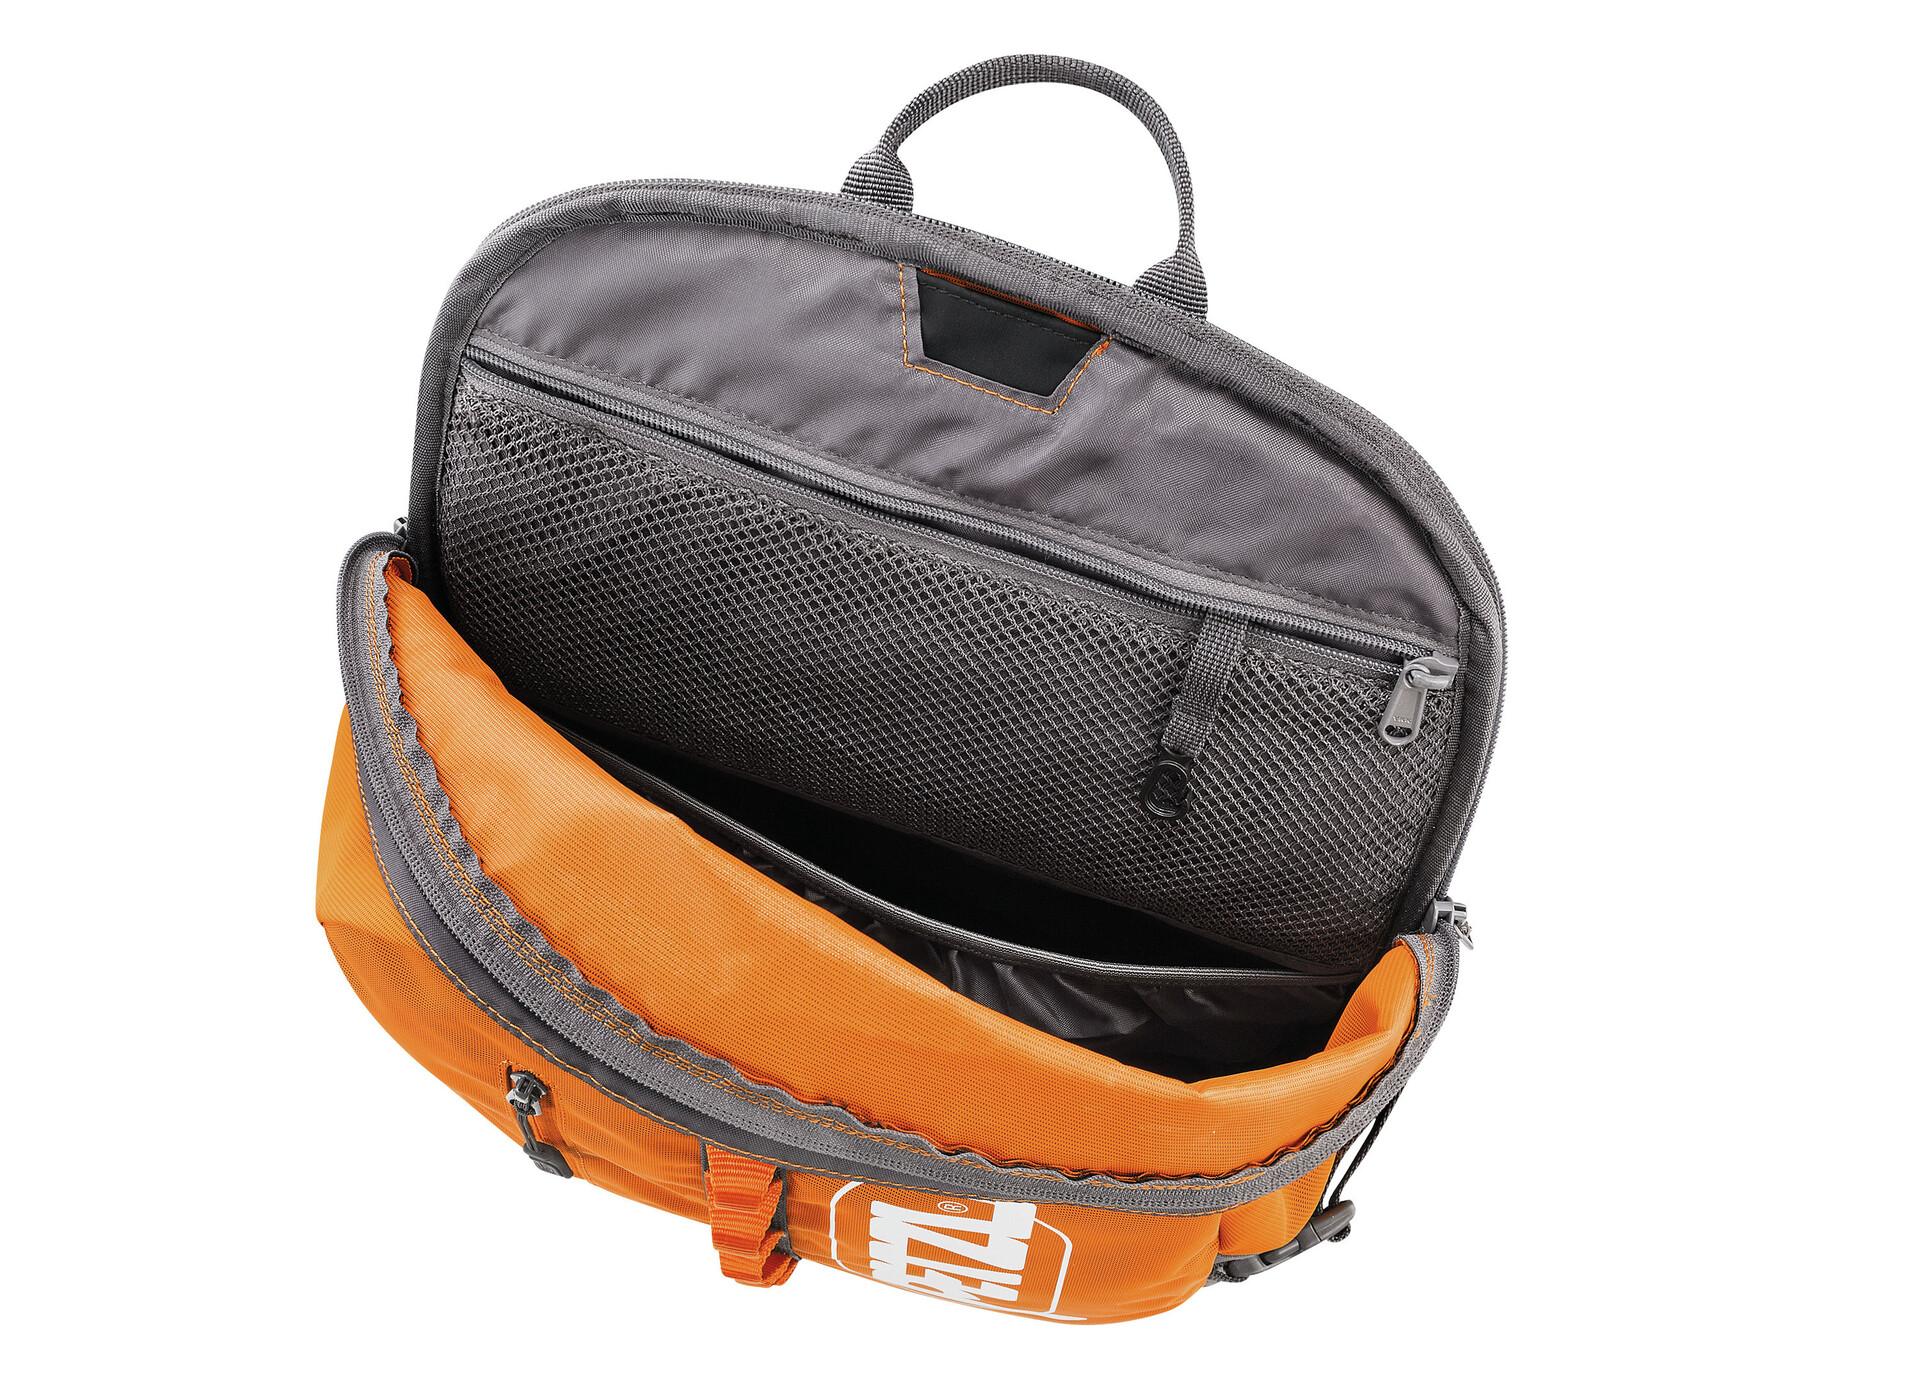 Rucksack Kletterausrüstung : Petzl bug rucksack l orange campz